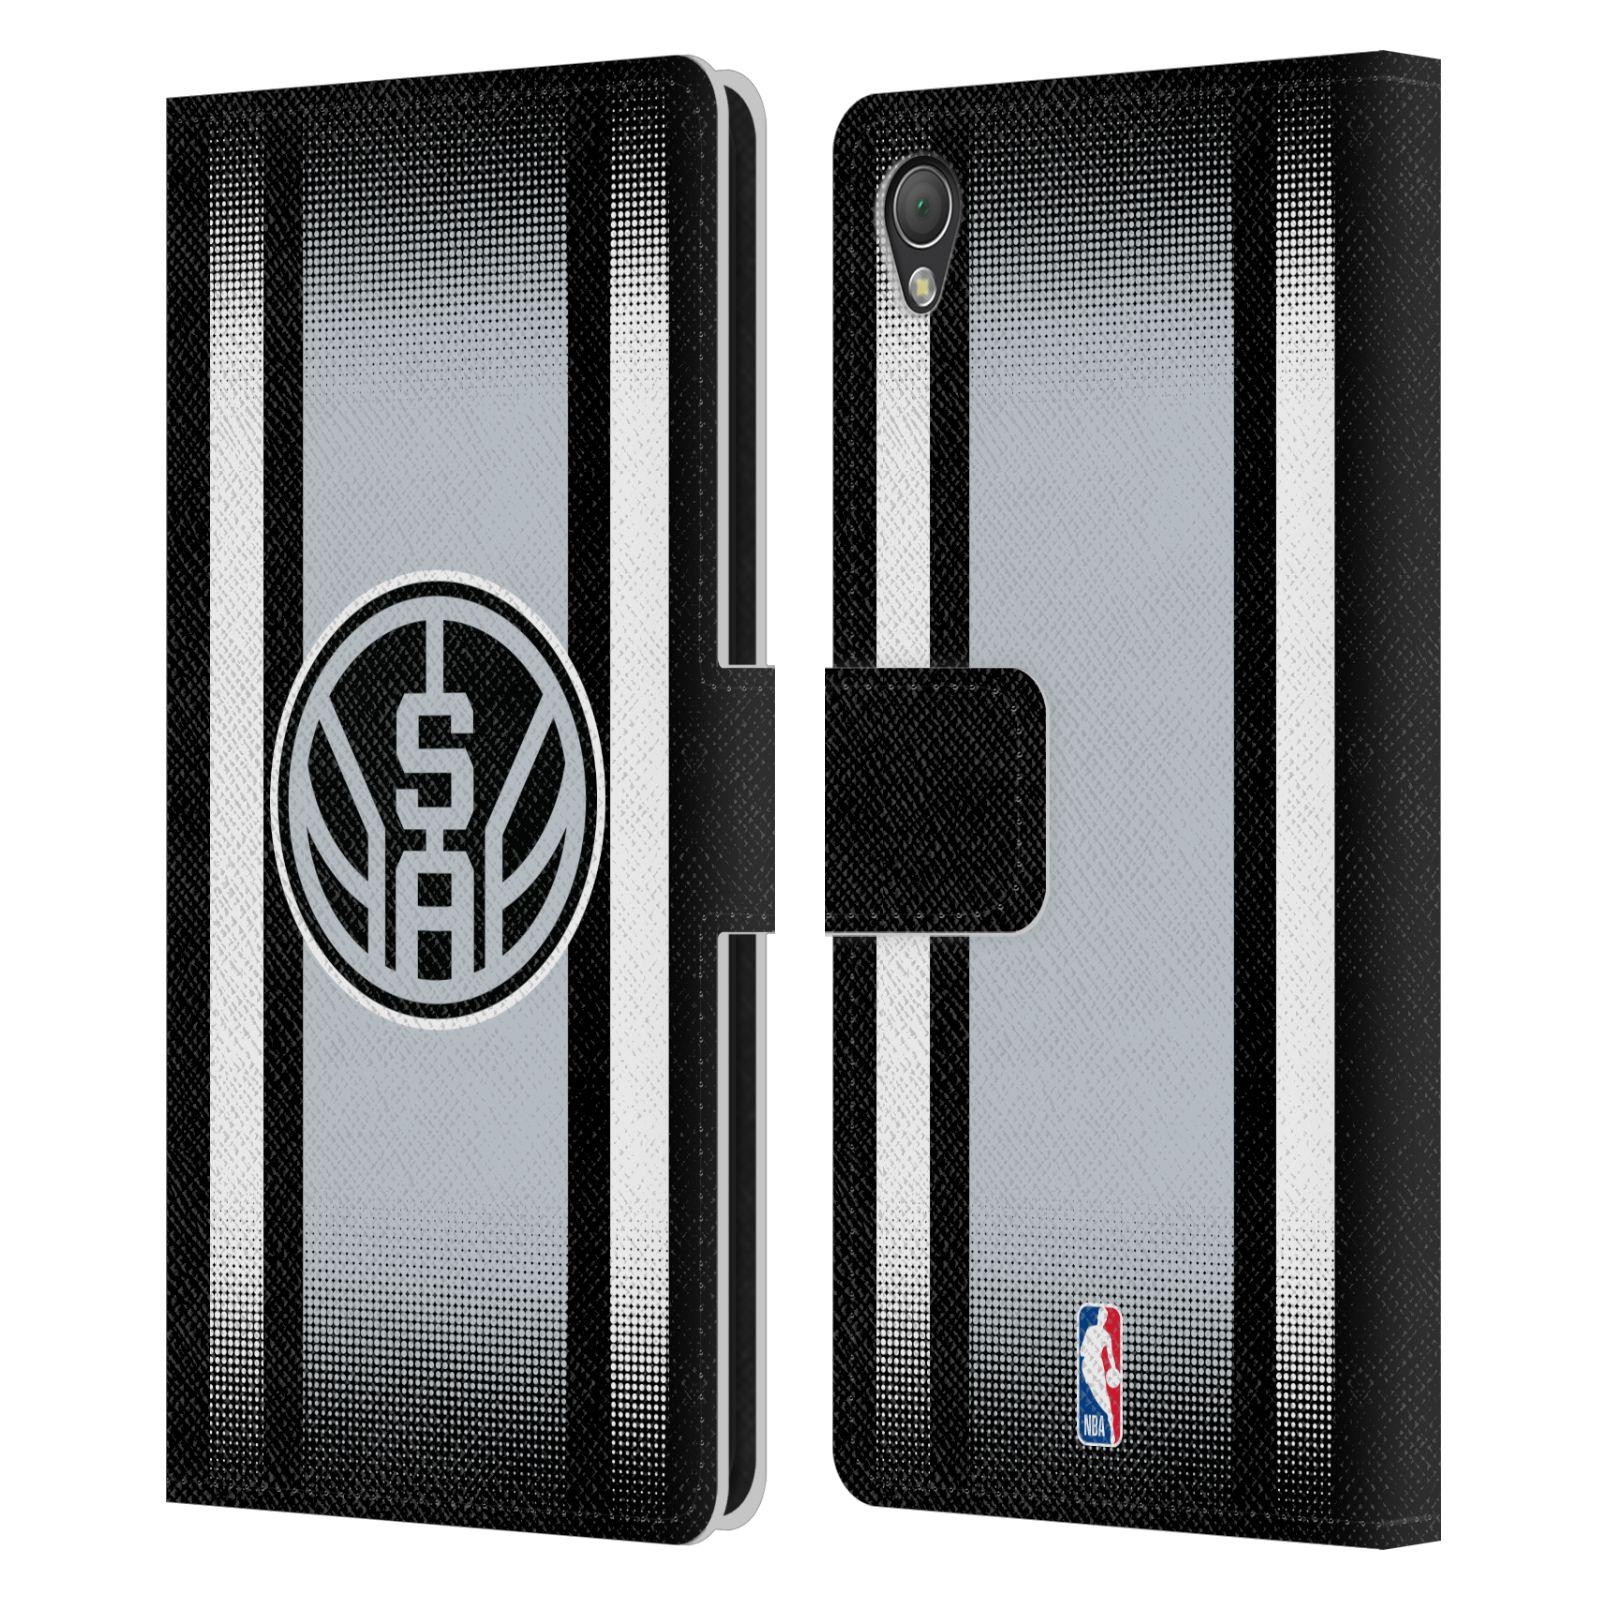 UFFICIALE-NBA-SAN-ANTONIO-SPURS-COVER-A-PORTAFOGLIO-IN-PELLE-PER-SONY-TELEFONI-1